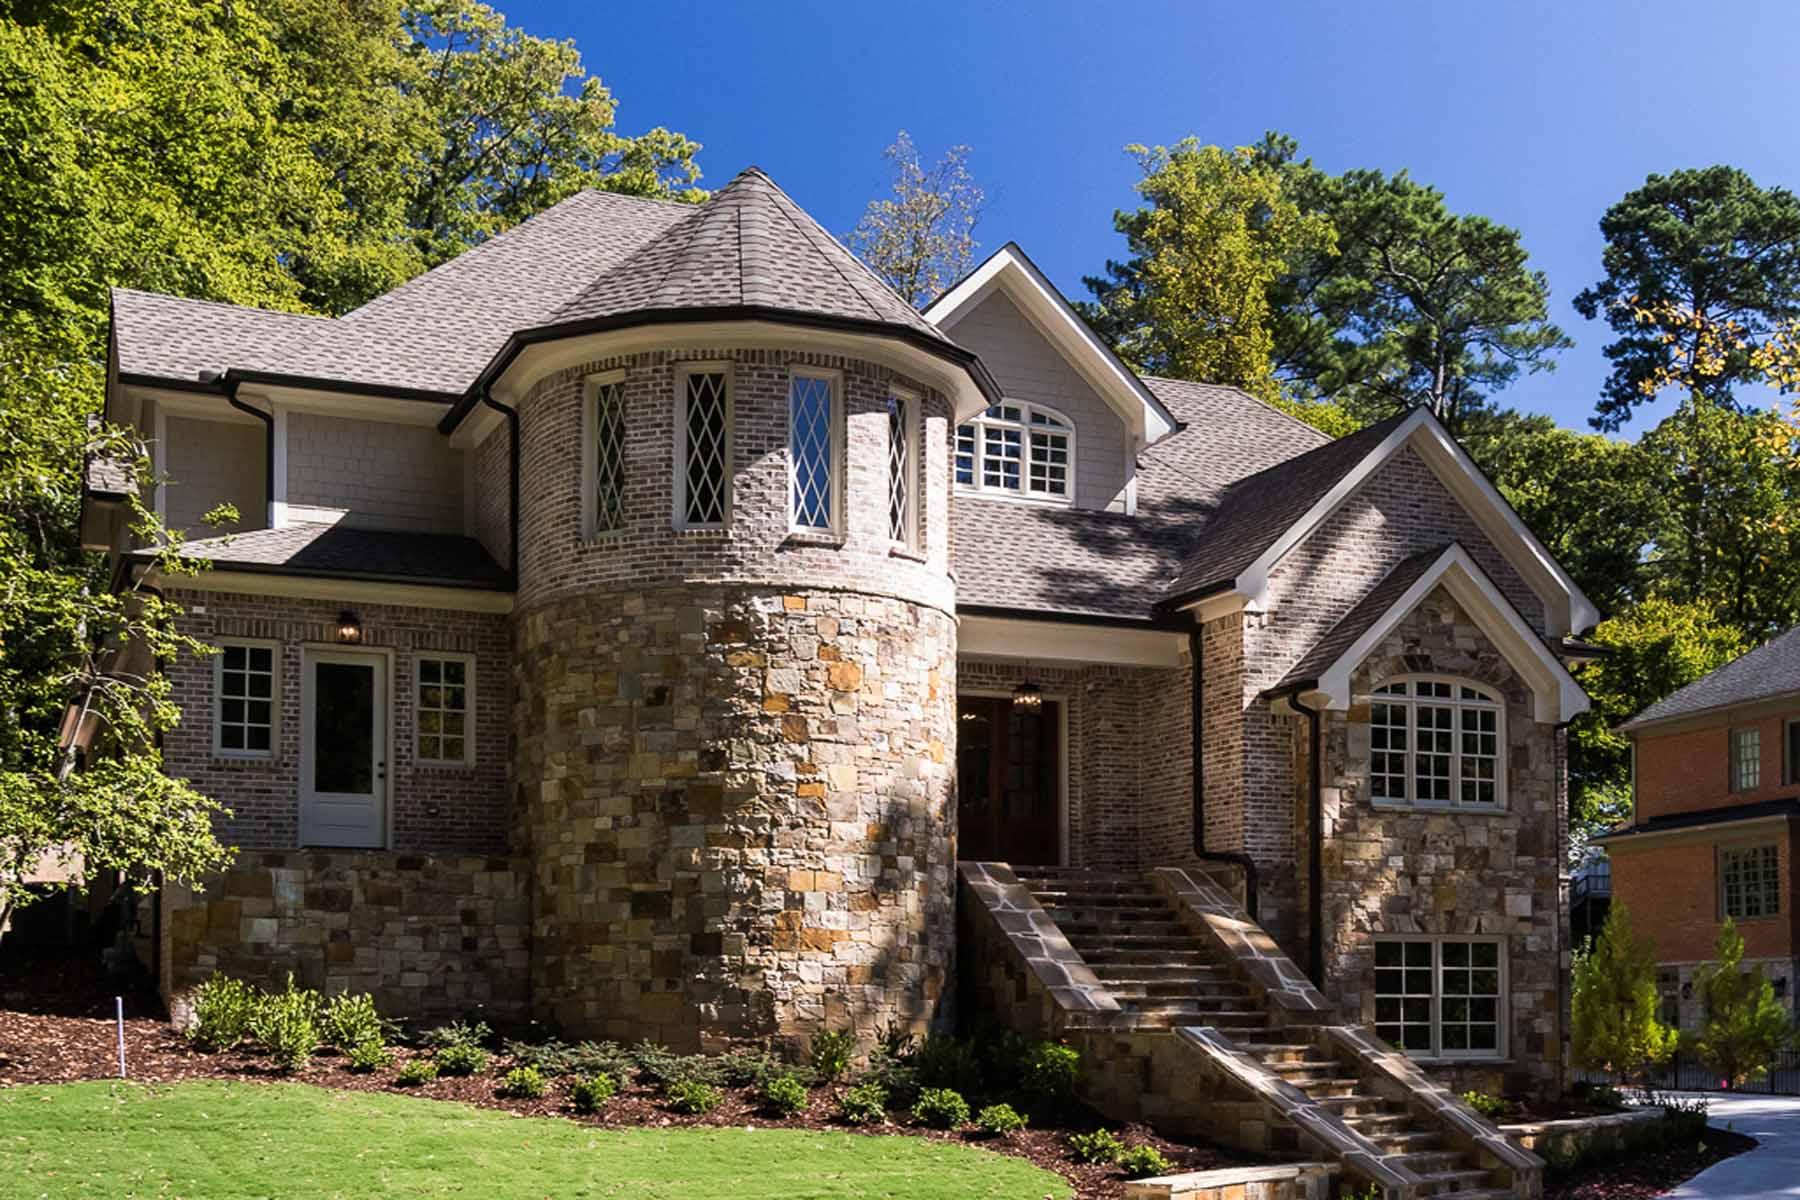 Maison unifamiliale pour l Vente à Custom New Residence on 12 Acre Lot in Sarah Smith Elementary 3037 Towerview Drive NE Atlanta, Georgia, 30324 États-Unis